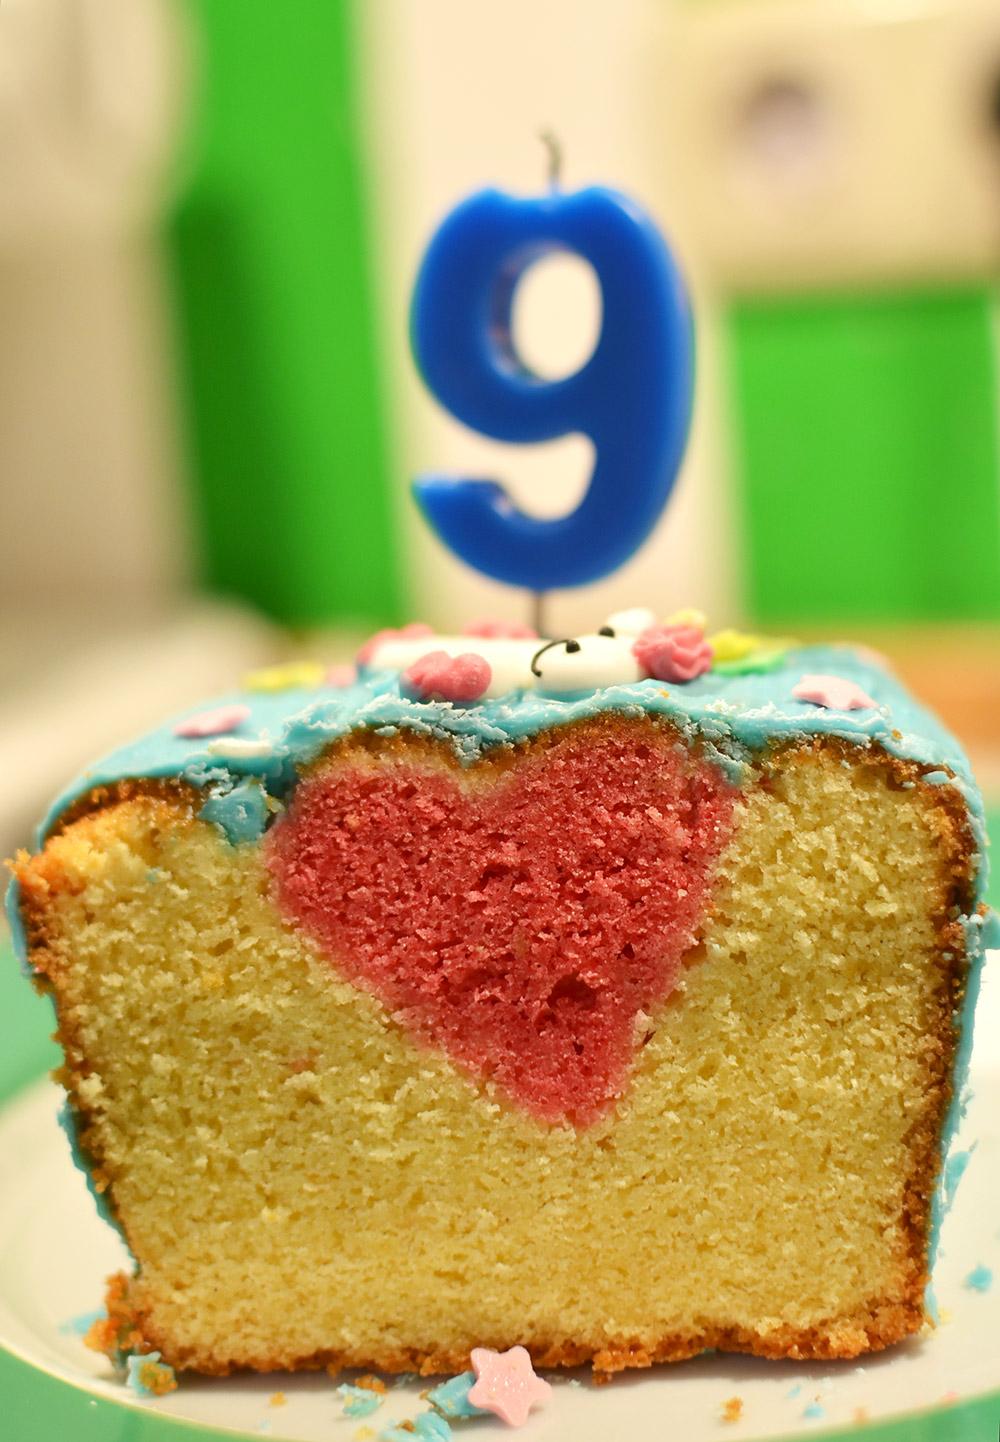 Geburtstagskuchen mit Herz